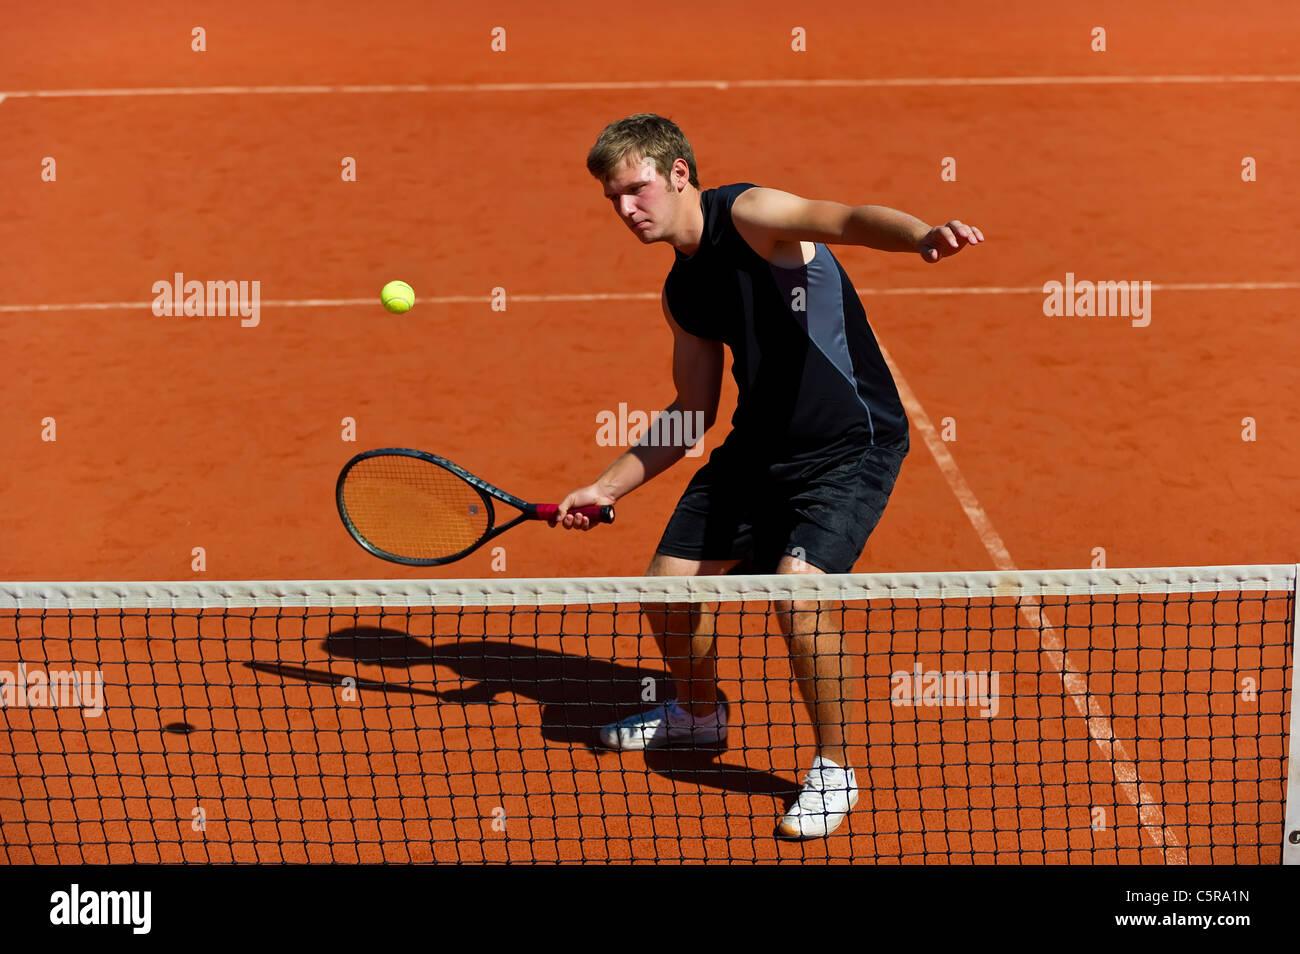 Un jugador de tenis cerca de la red se concentra en volley Imagen De Stock